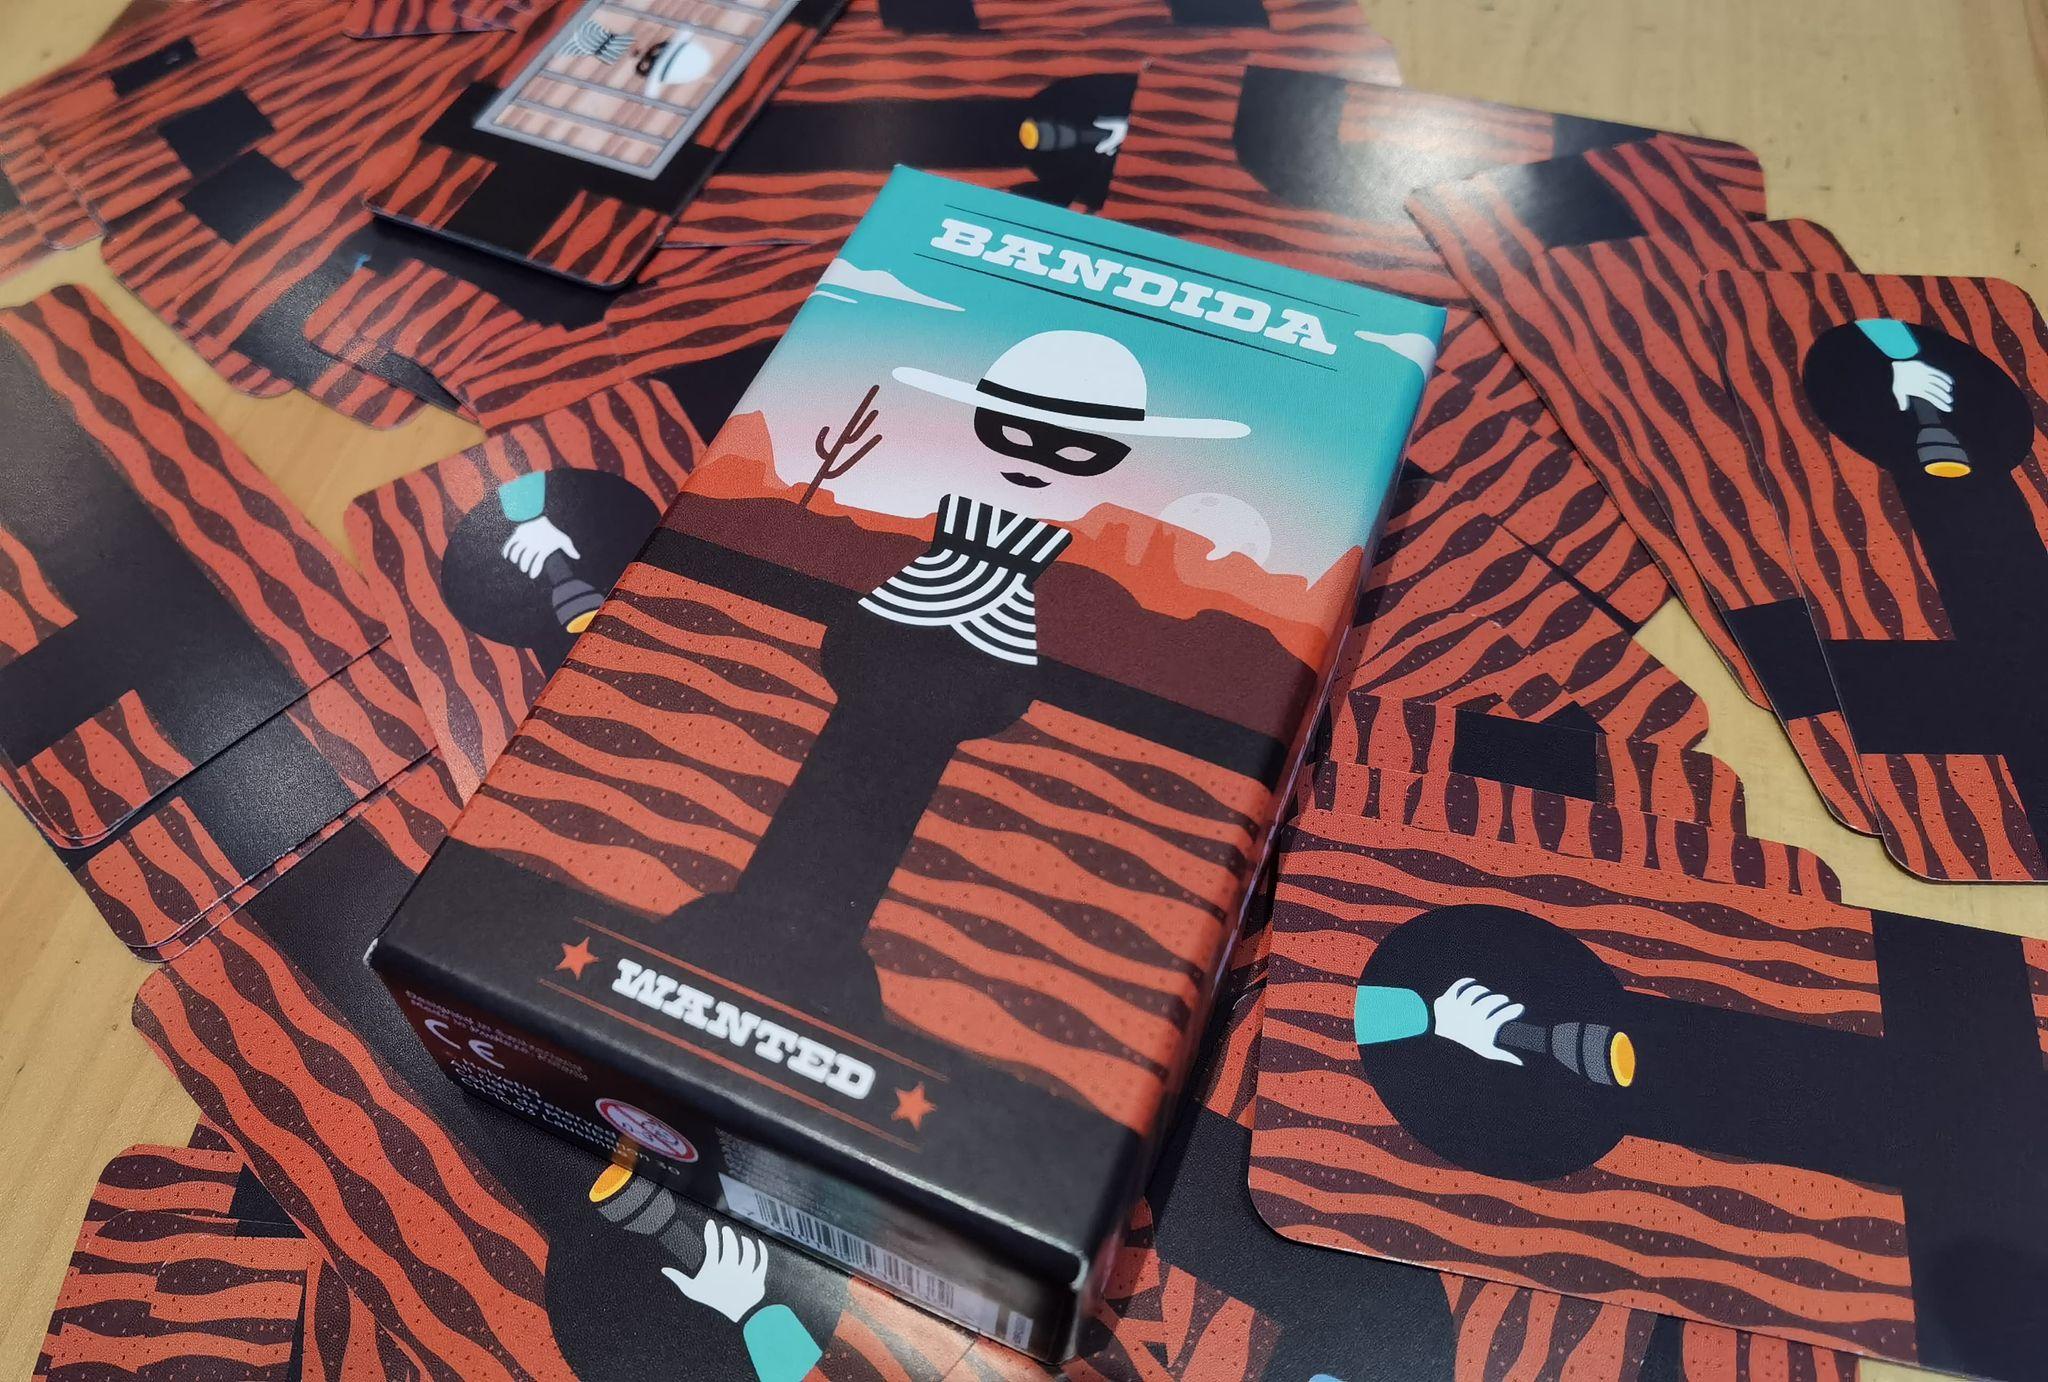 Bandida – Nintendo Hard!